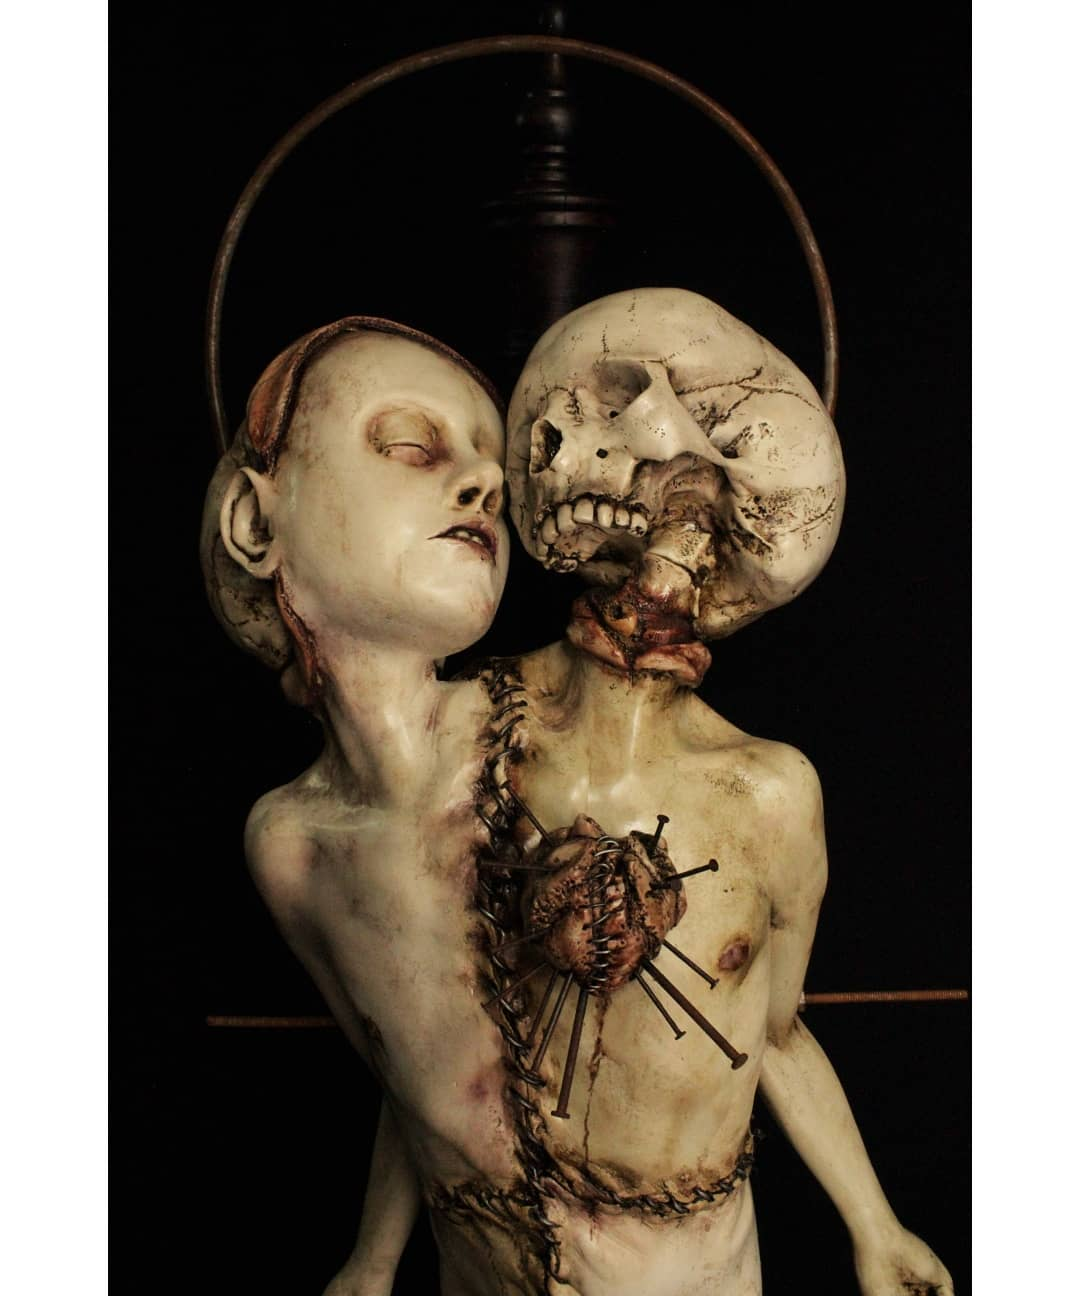 Мексиканский скульптор Эмиль Мелмот